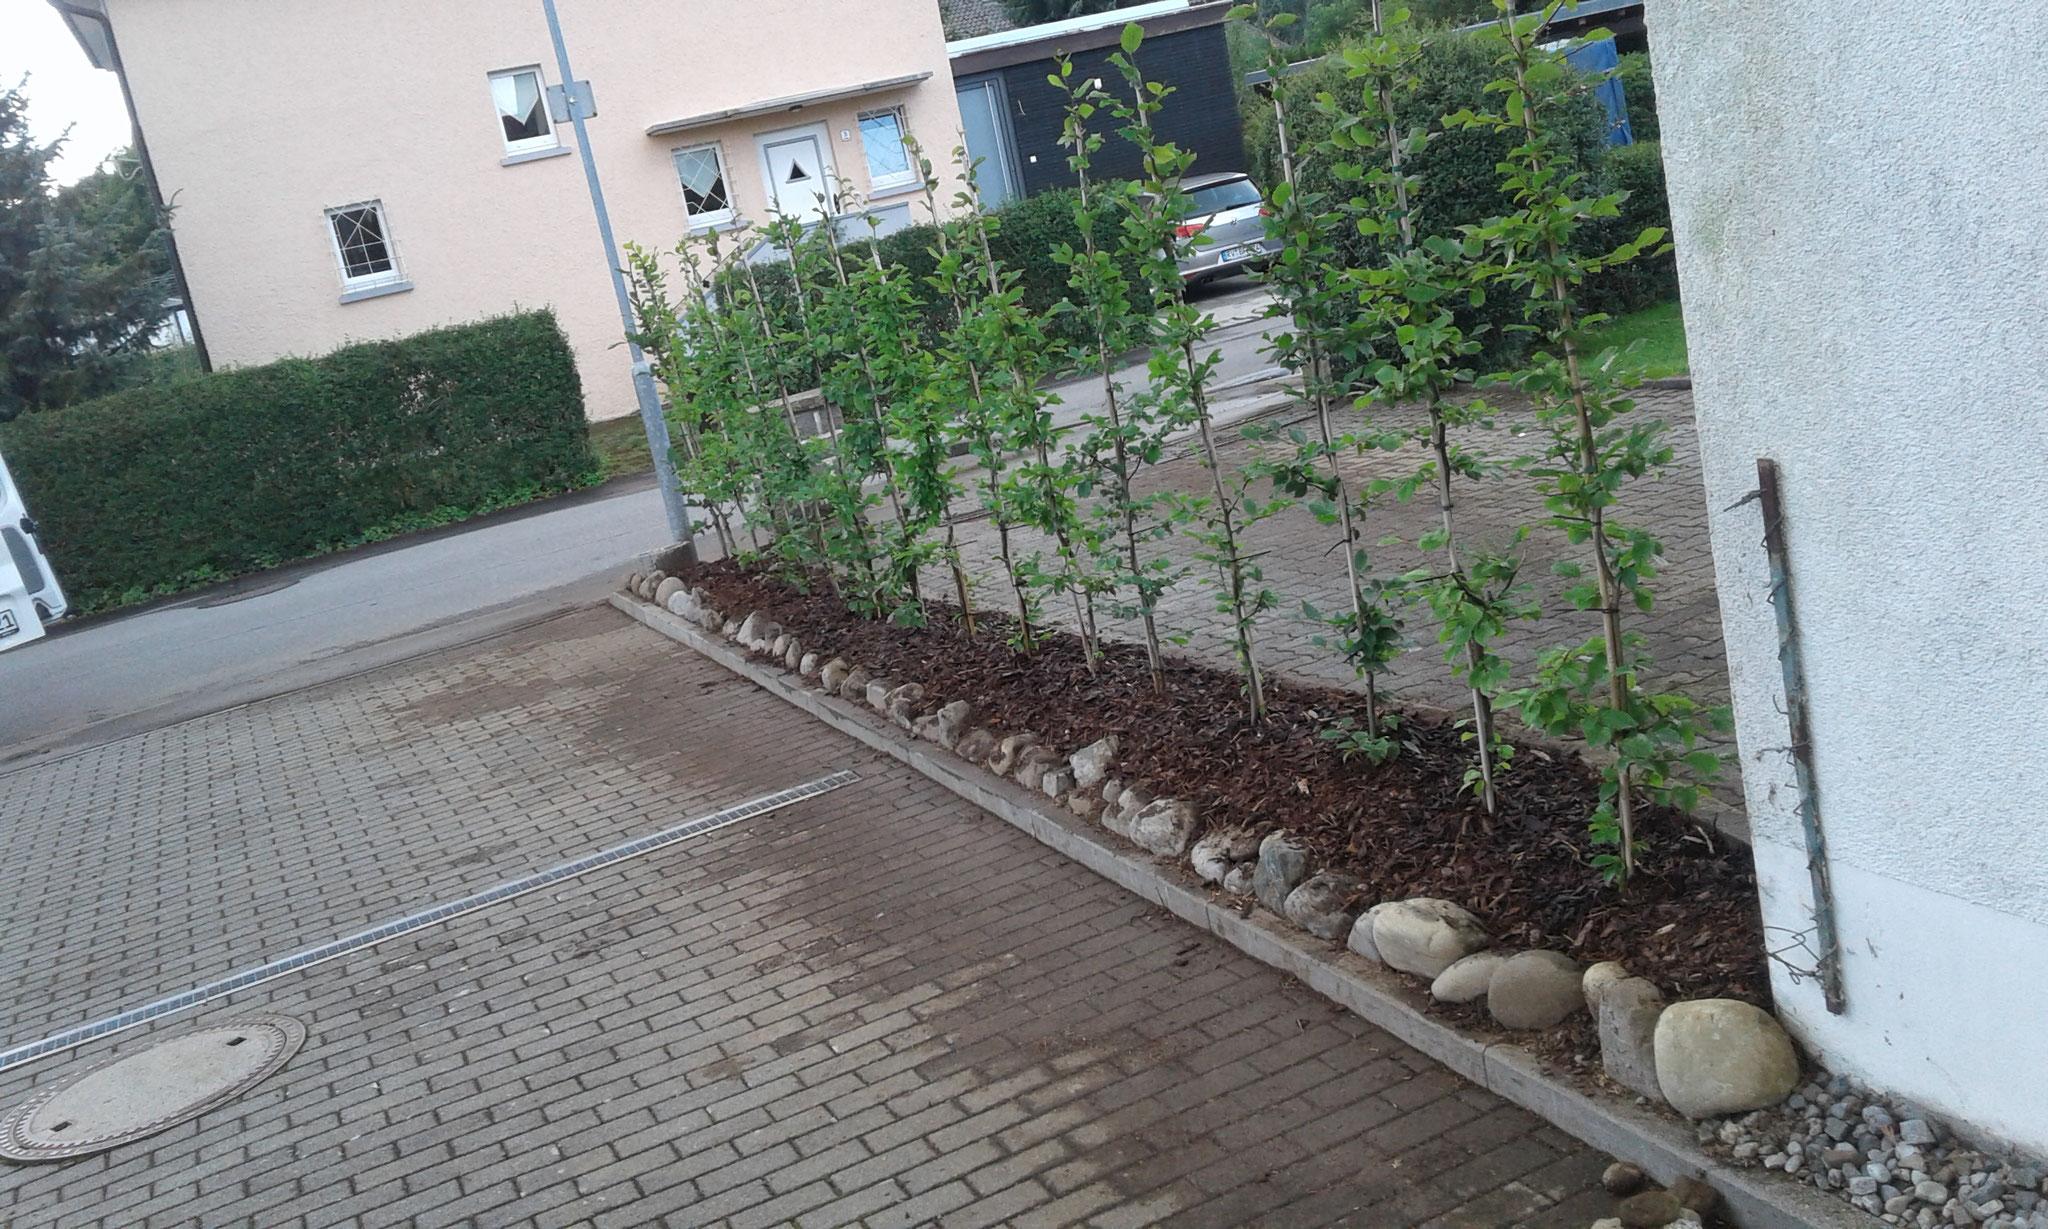 Heckenentfernung und-neuanlage 2017 Wangen - NACHHER